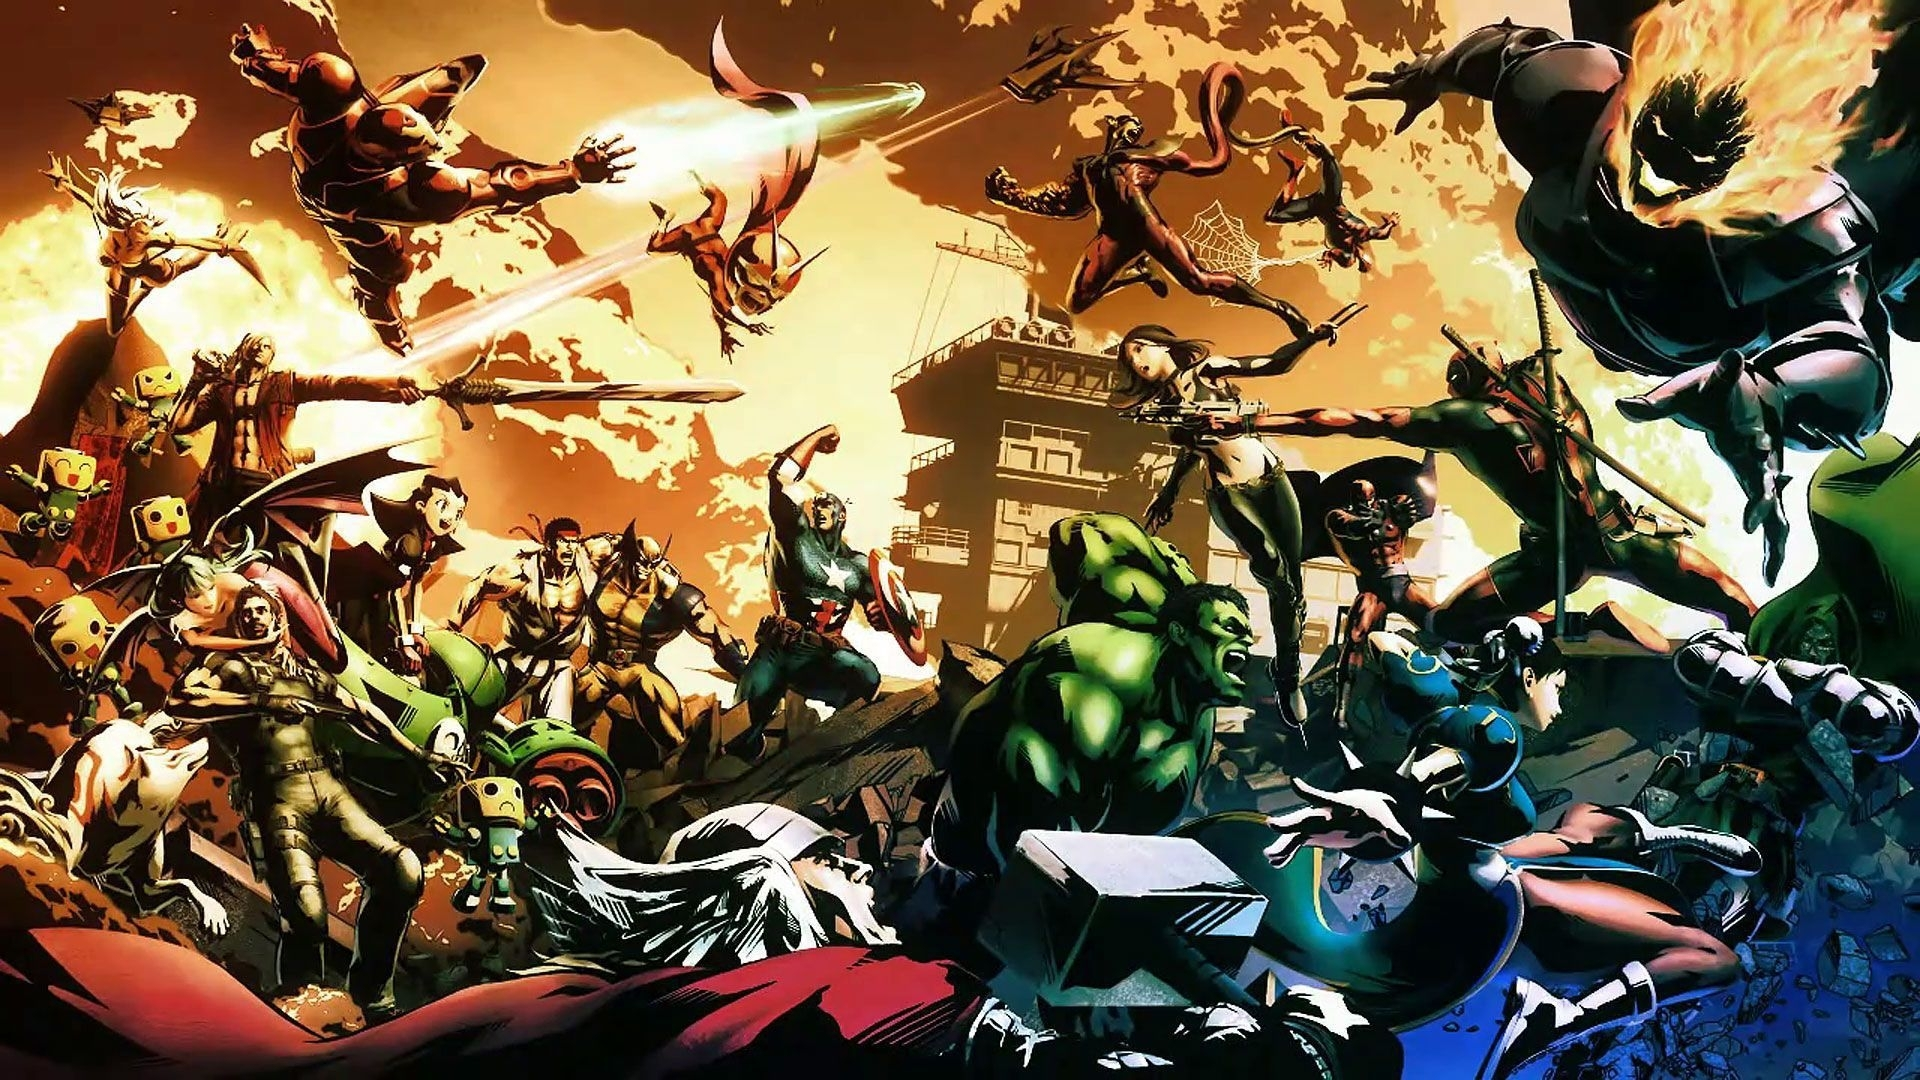 ultimate marvel vs. capcom 3 wallpaper hd | gaming wallpapers hd